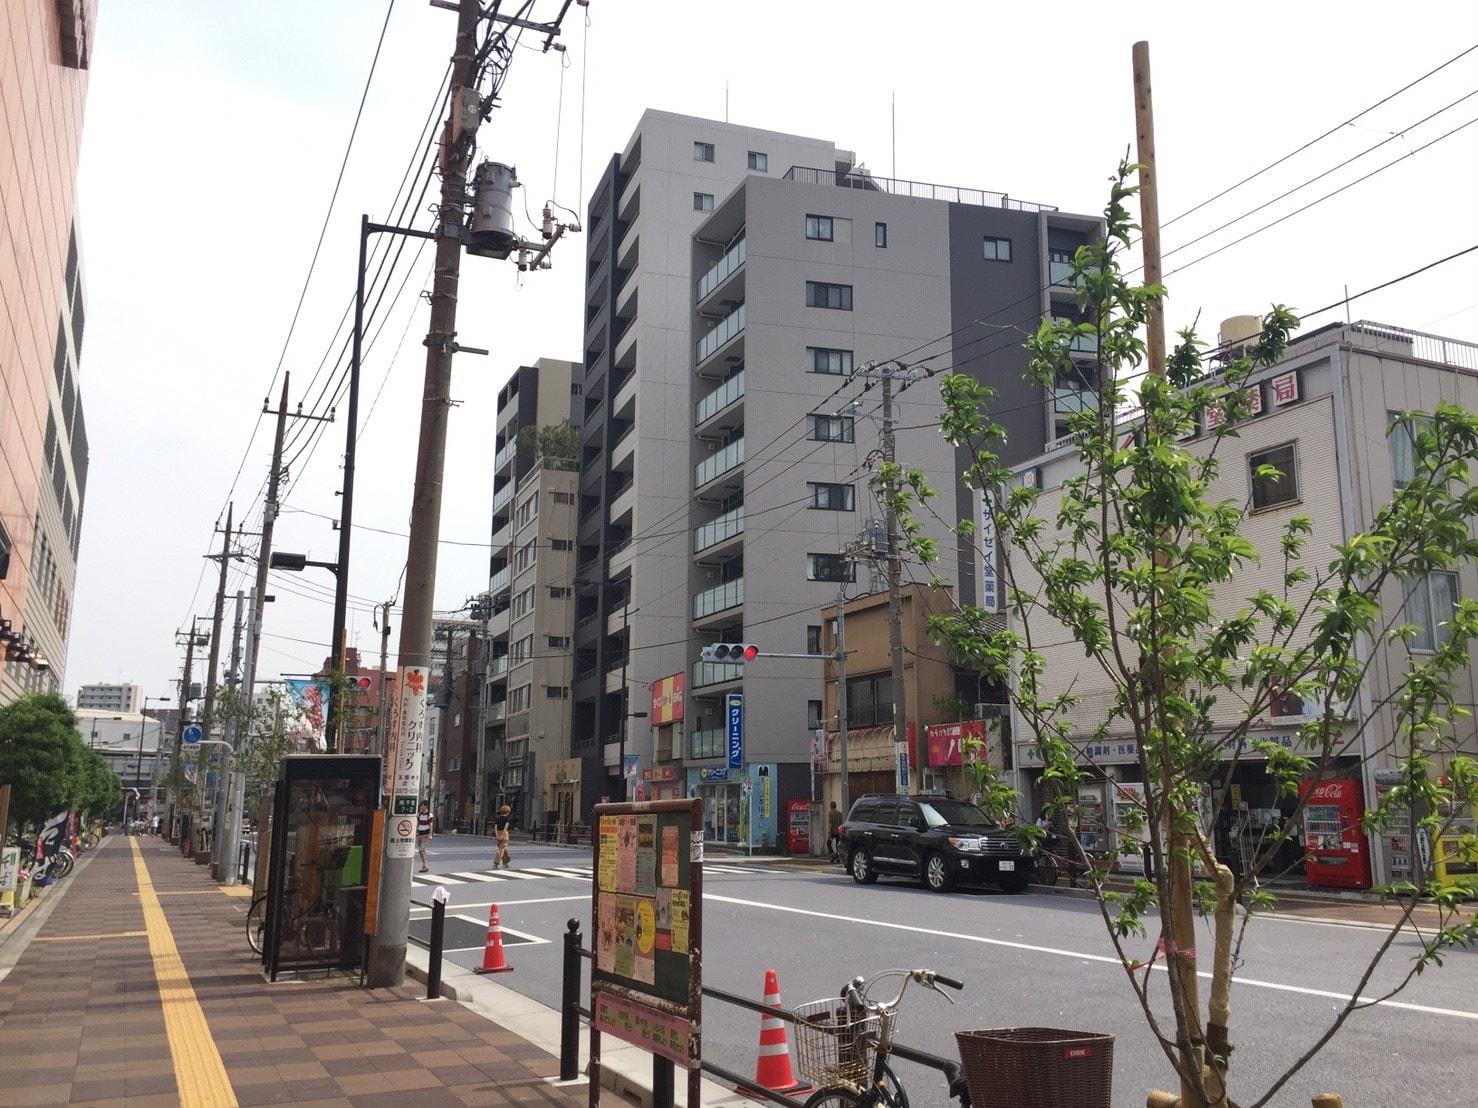 大通り沿いに並んでいる大型マンションの外観